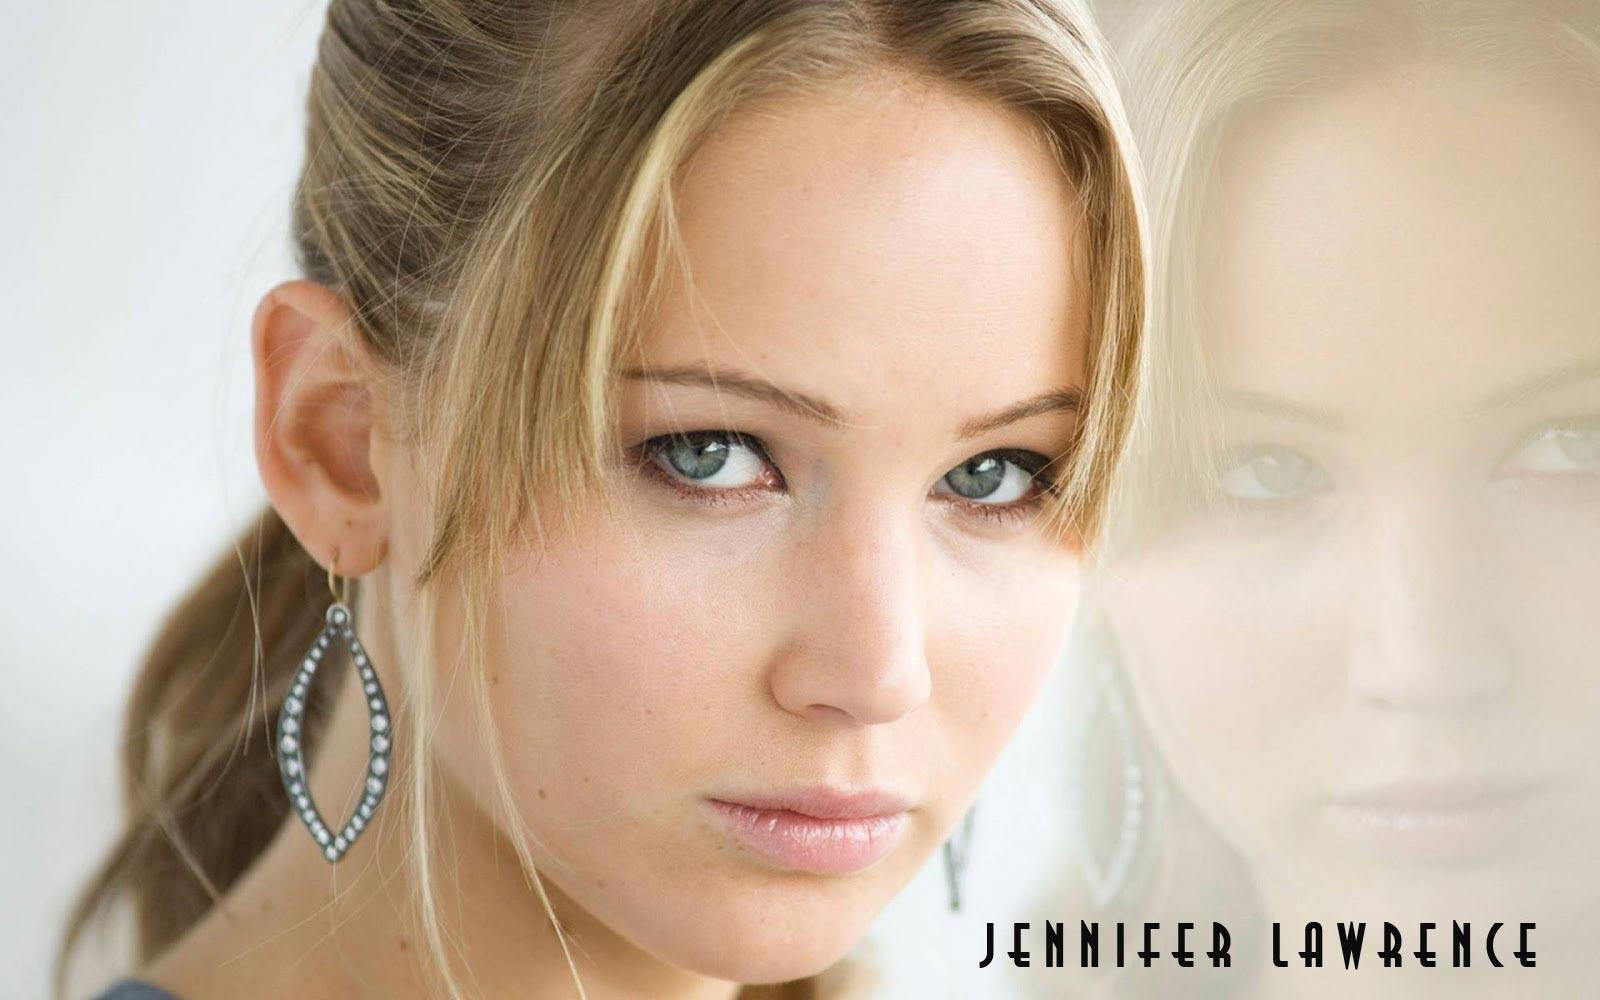 http://2.bp.blogspot.com/-VeRucaH3us8/UQuc4Po0xWI/AAAAAAAAI5Q/pM6fwzXUTyI/s1600/jennifer-lawrence-wallpaper.jpg